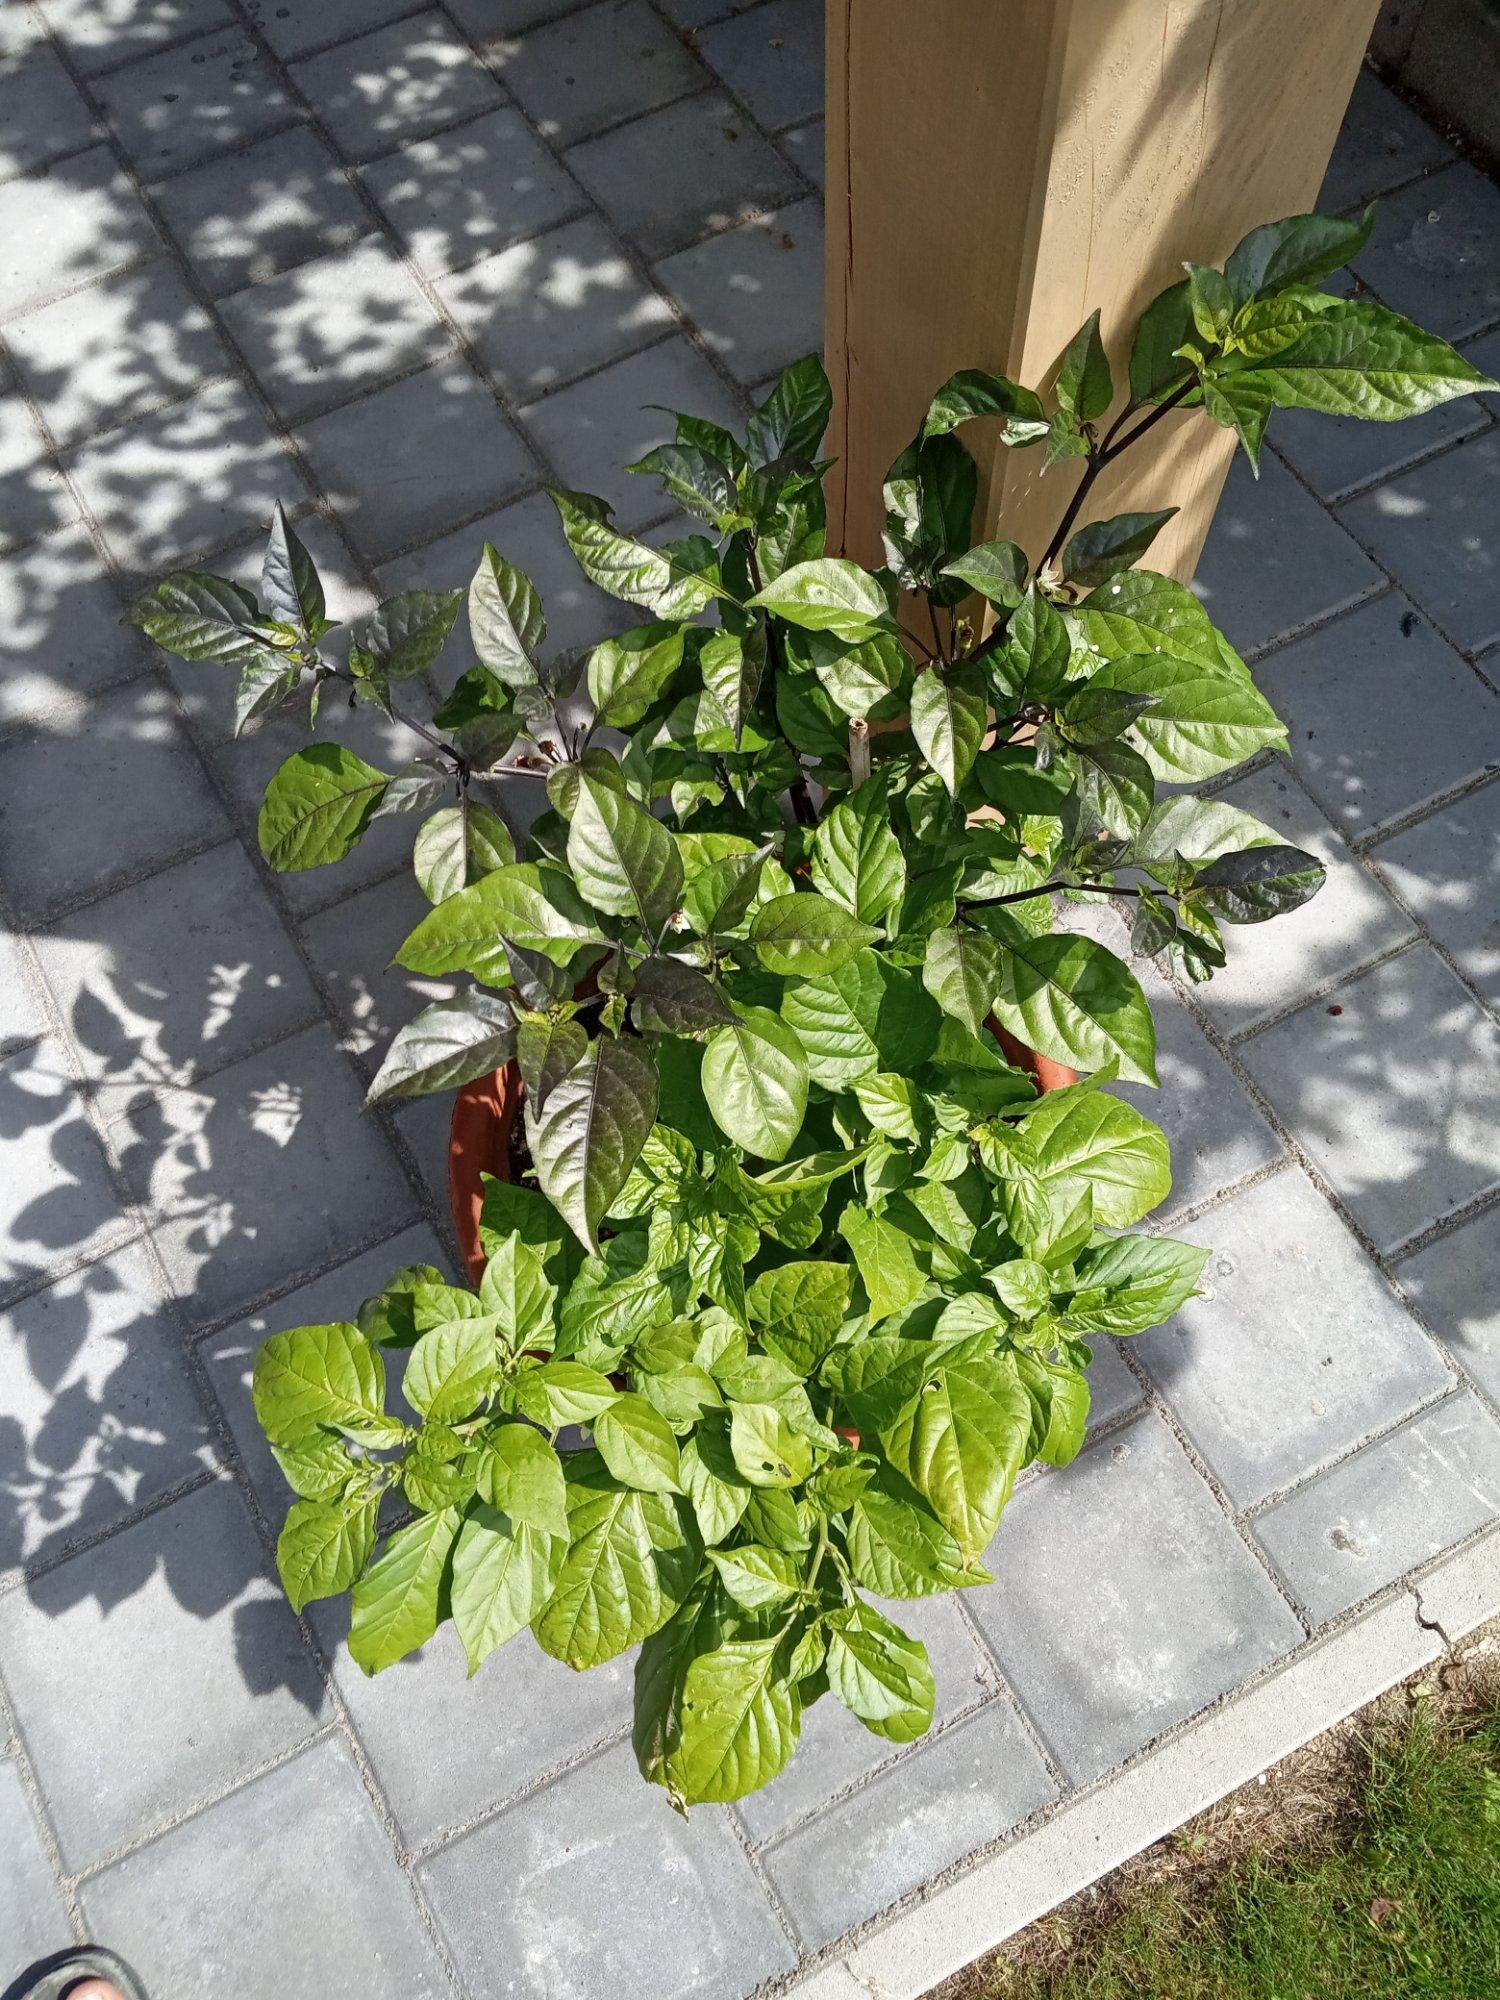 die oma chilis 2